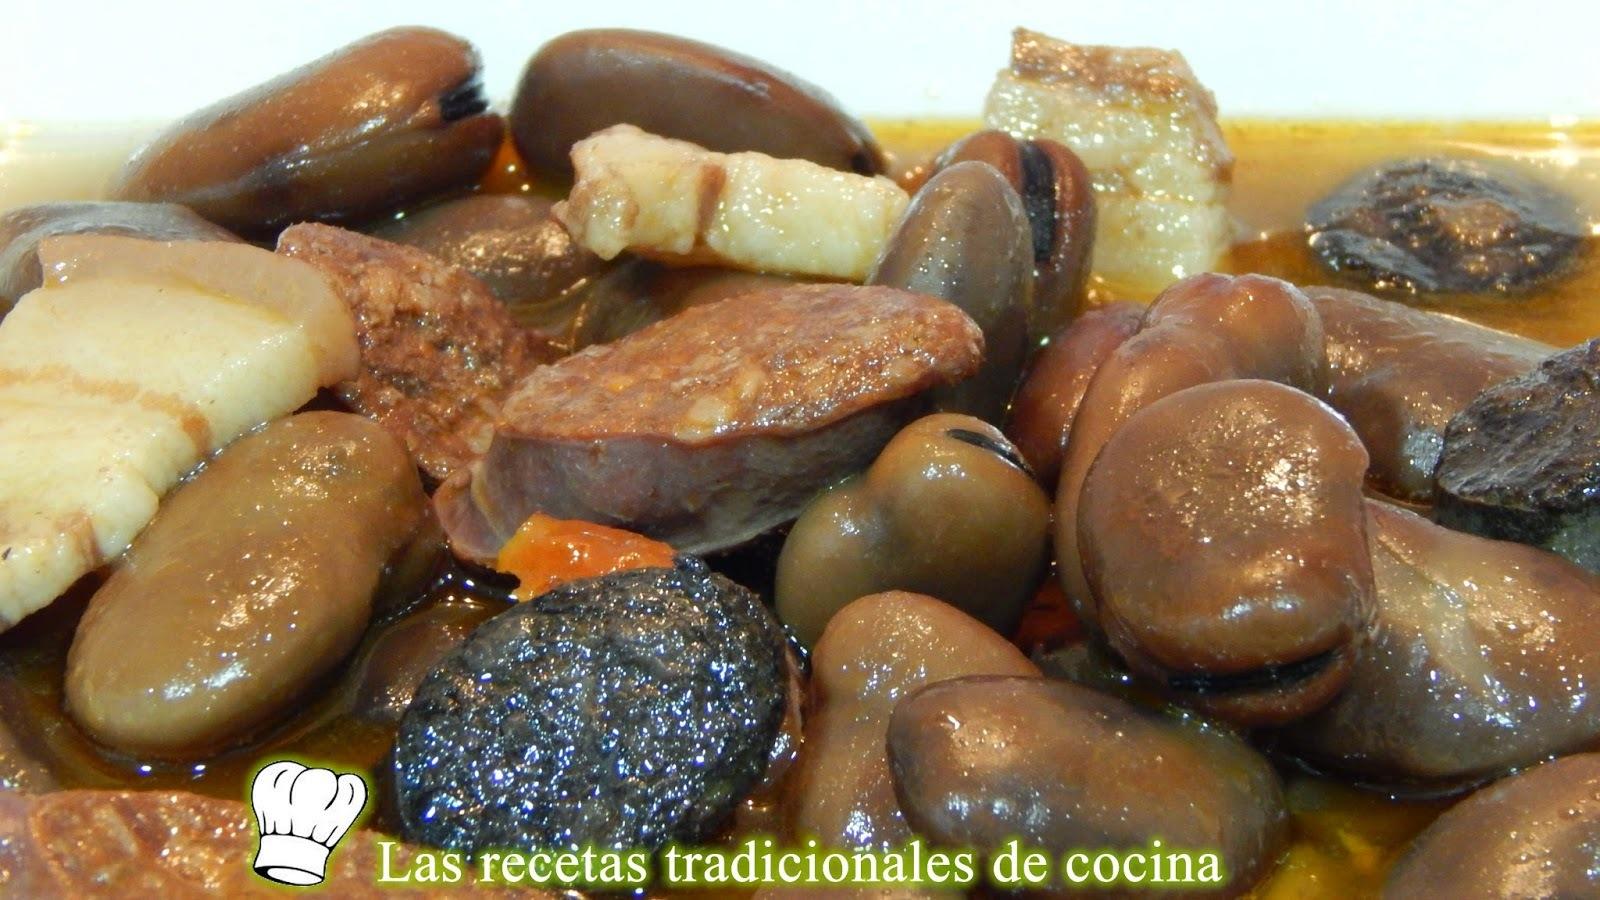 Receta de habas cocidas con chorizo y morcilla